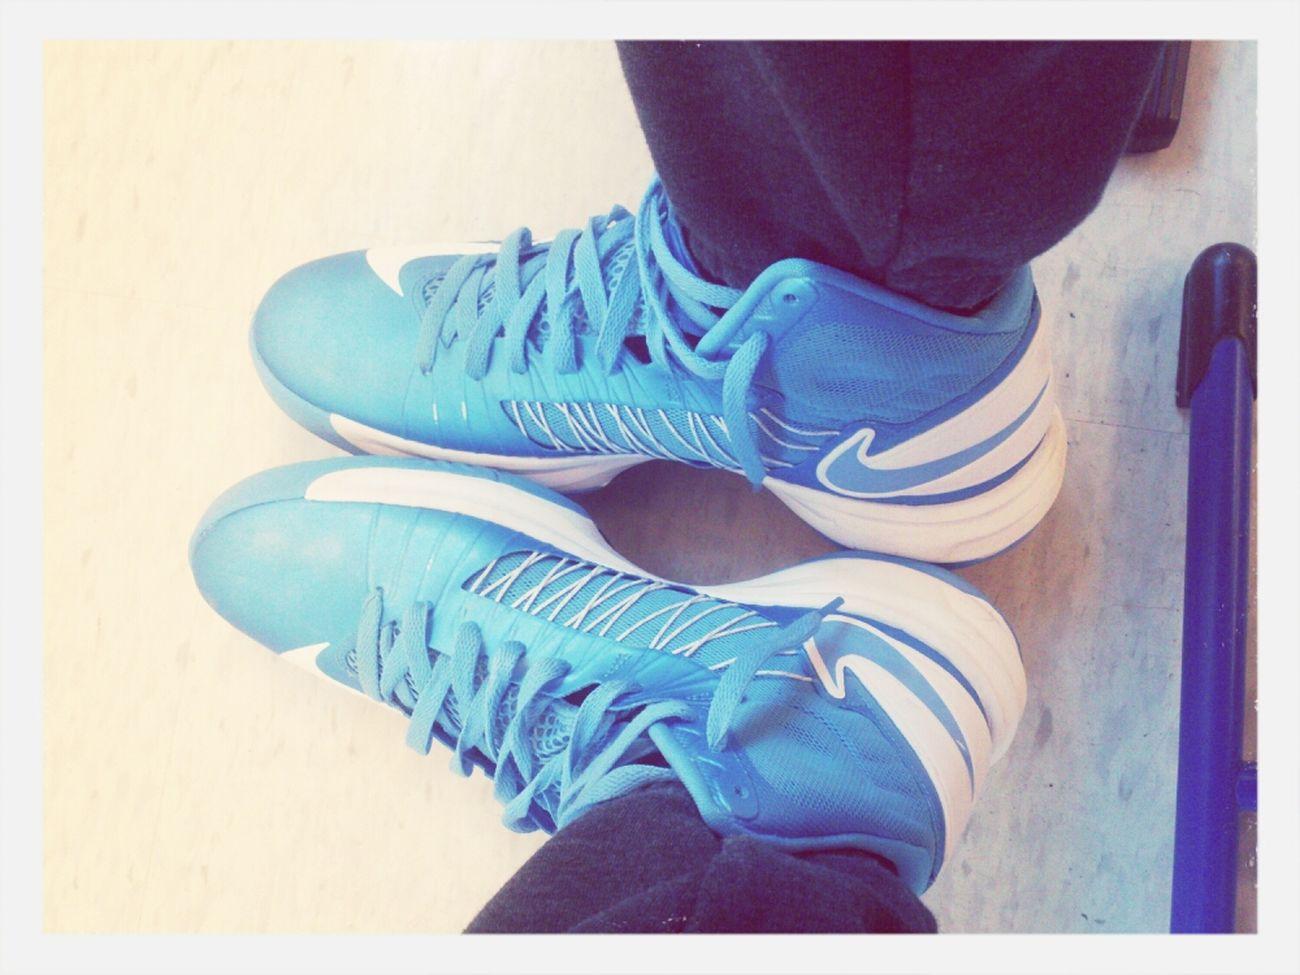 Hyperdunks 2012 Hooping Shoes